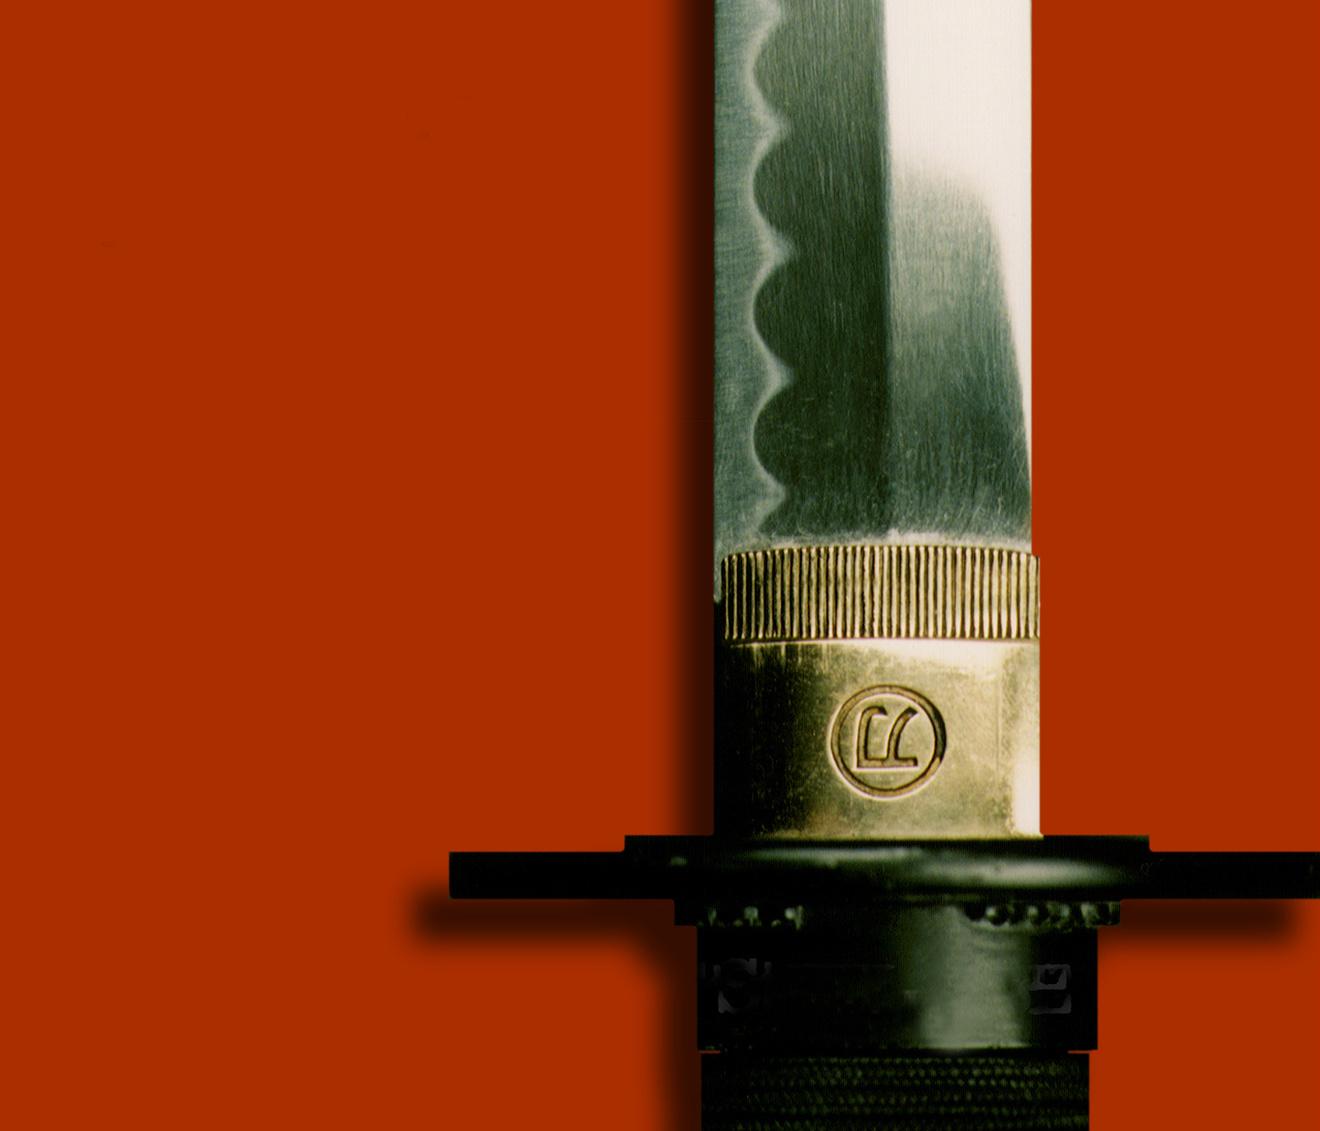 新田義貞にまつわる逸話5つ!鎌倉幕府を滅ぼした武将の生涯とは?